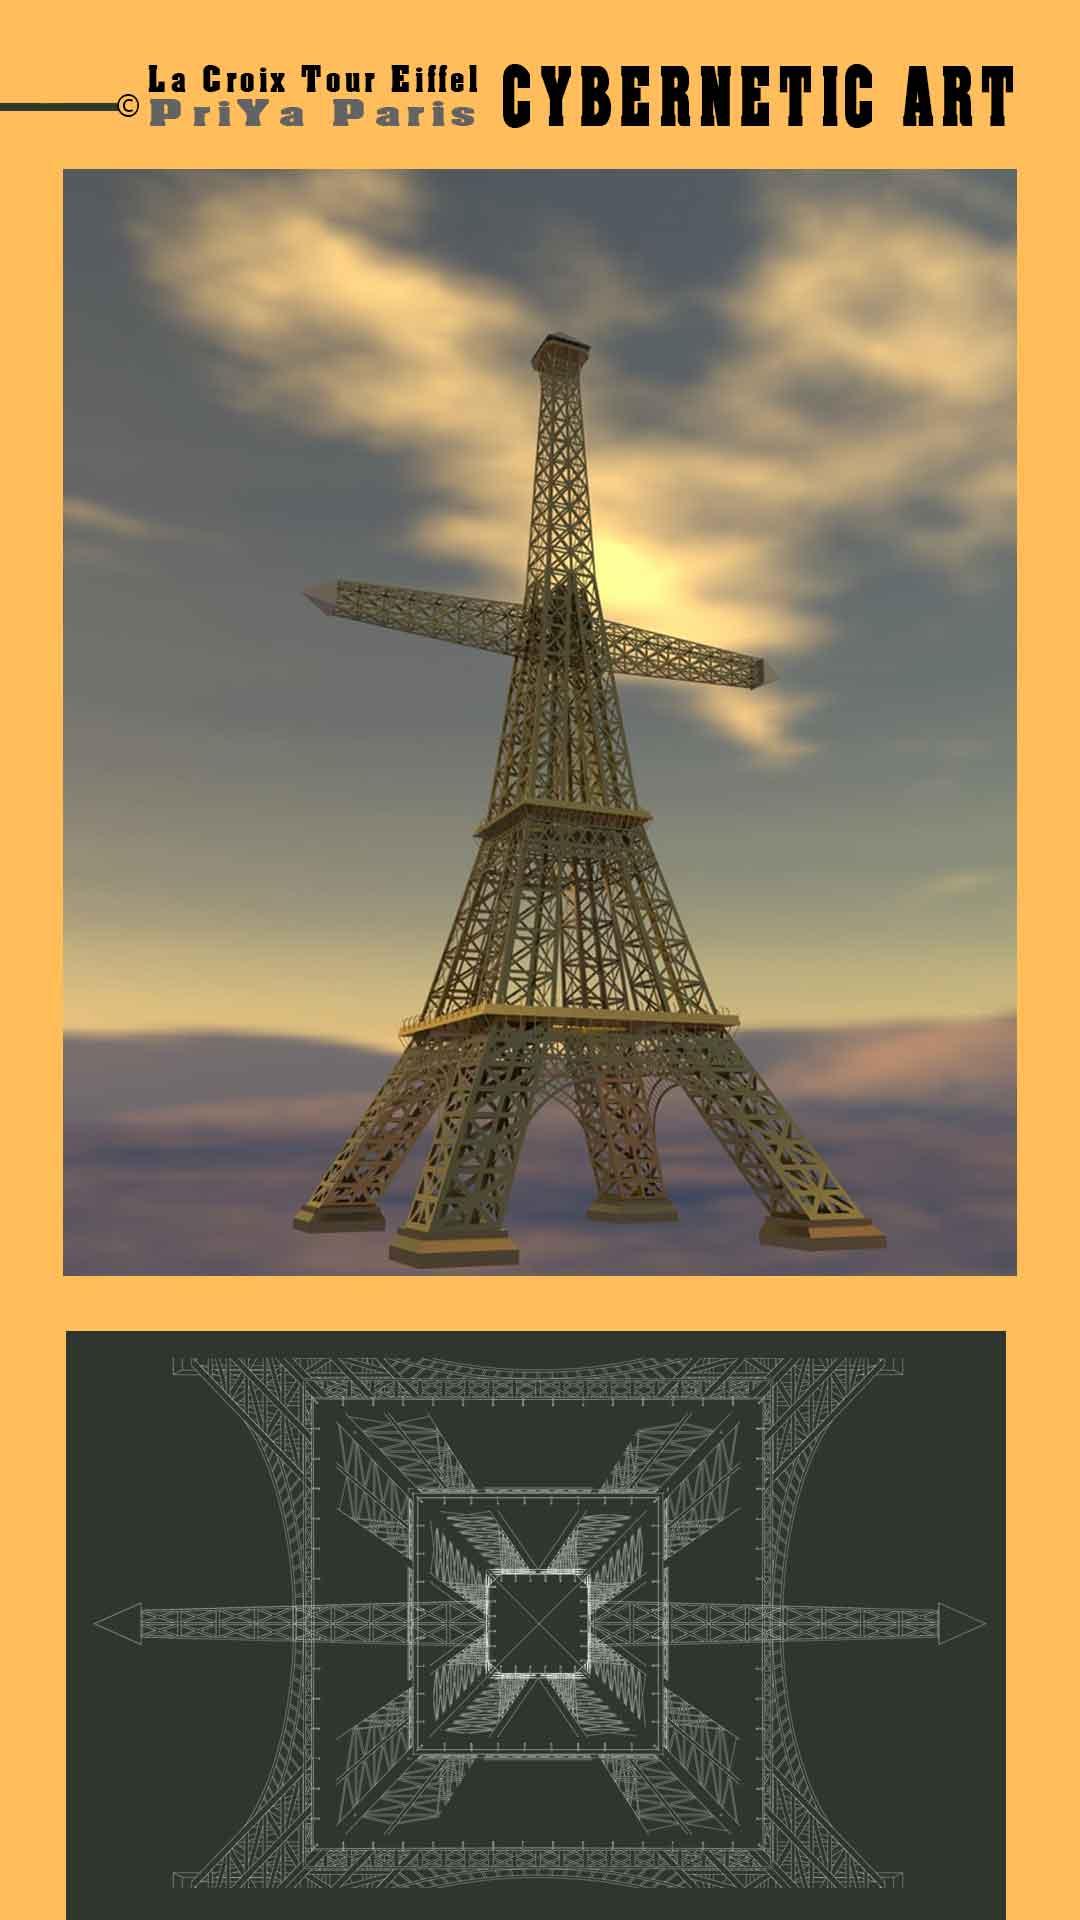 la croix tour eiffel